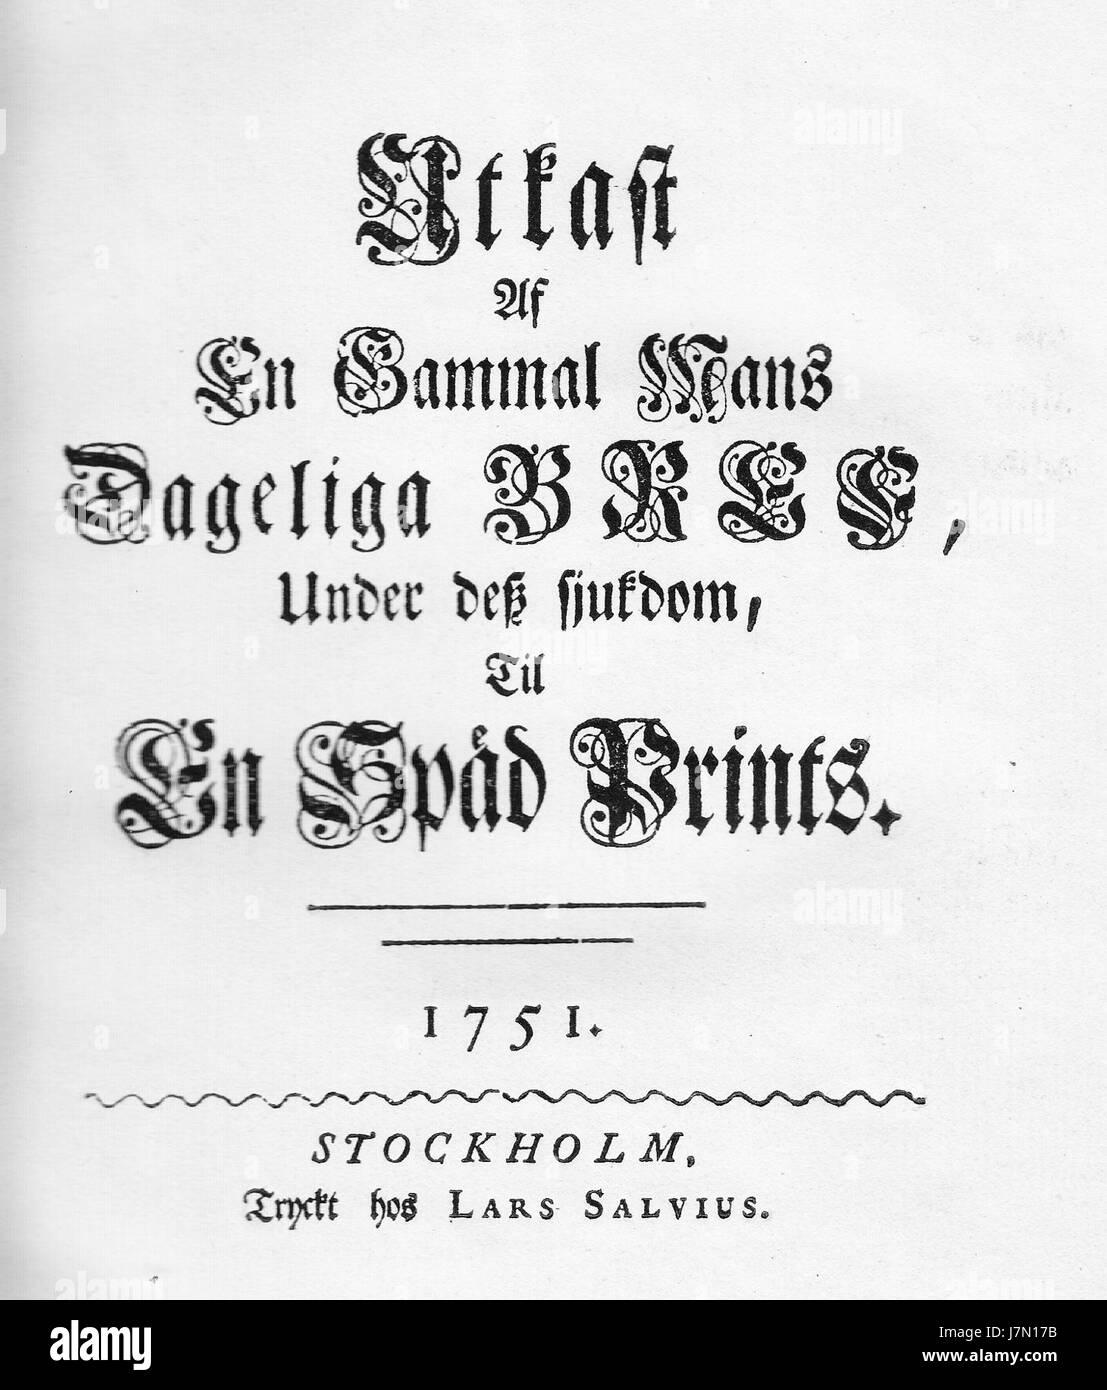 CG Tessin 1751 En gammal mans bref - Stock Image